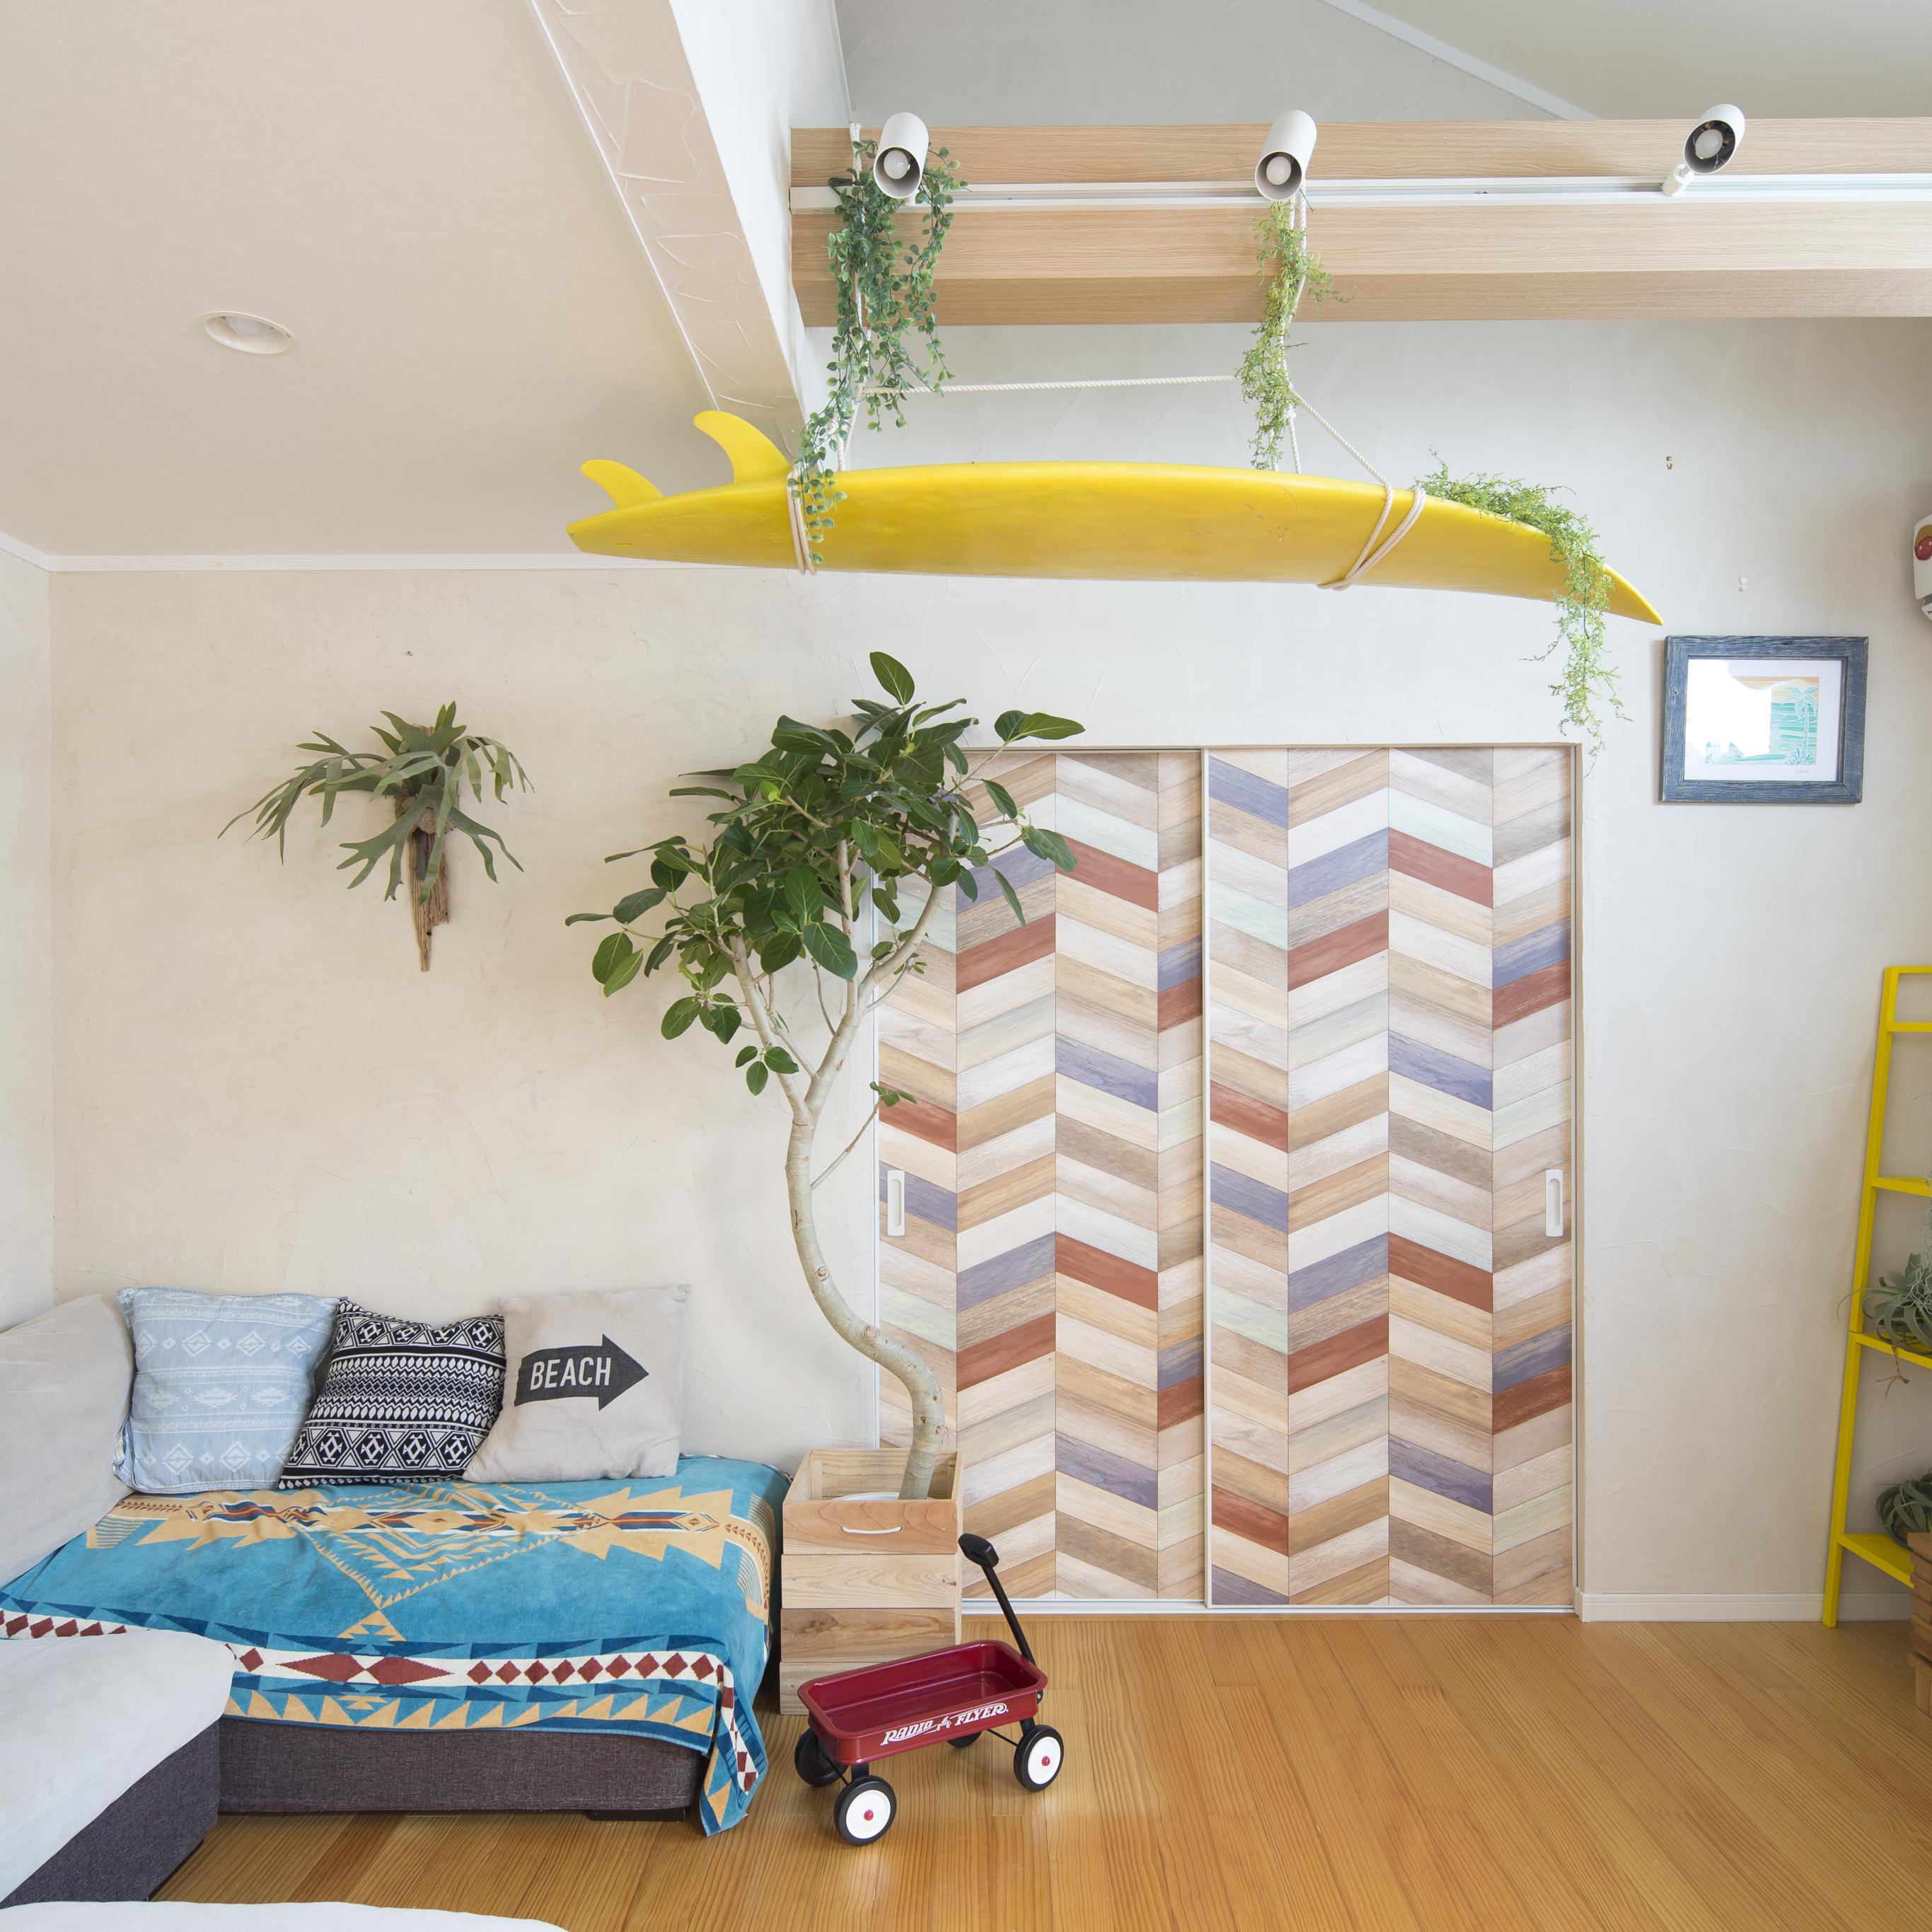 ドアに壁紙を貼ったらこんなに変わった♪壁・床だけじゃない。「ドア」も自分好みにカスタマイズ